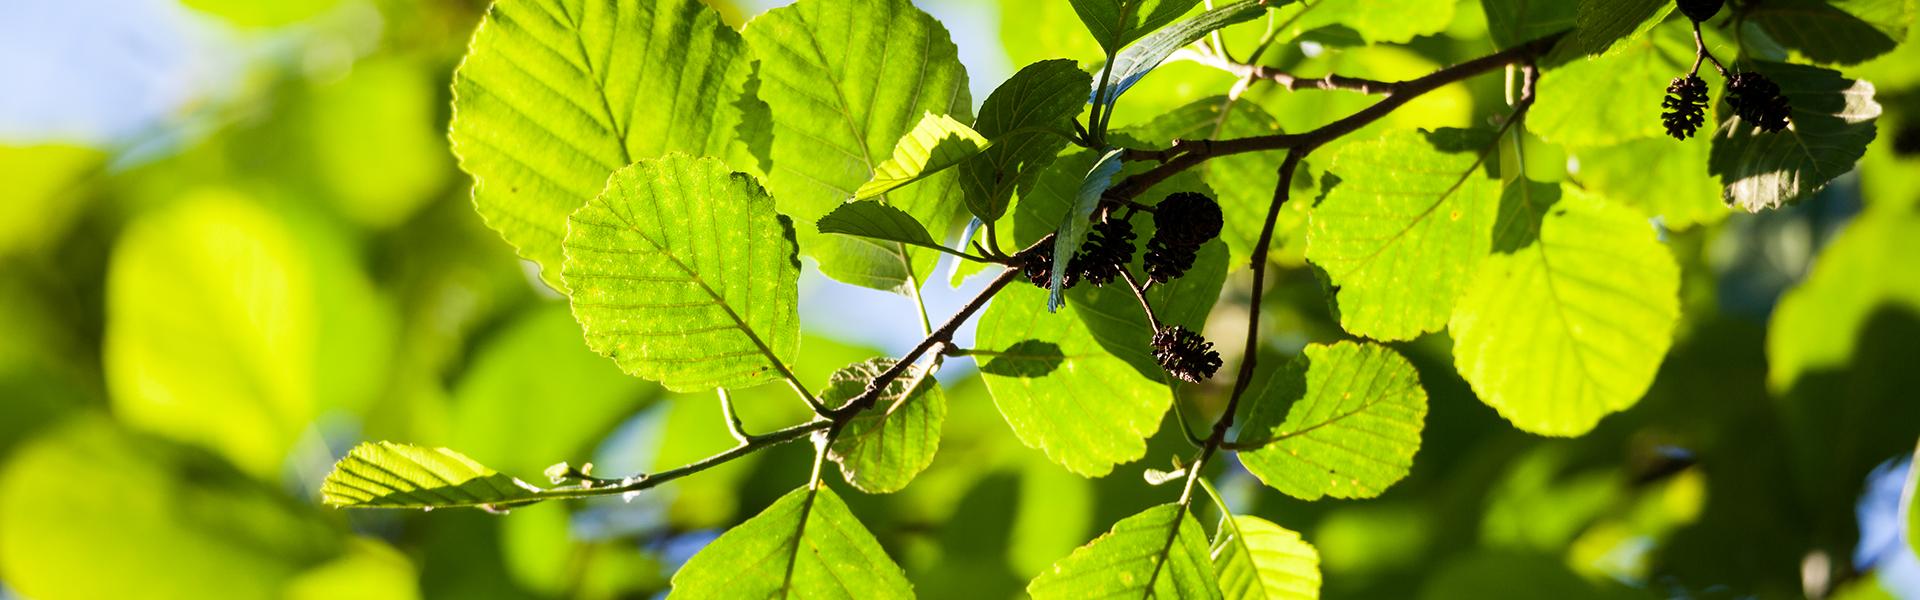 Wszystko, co musisz wiedzieć o alergii na pyłki olszy